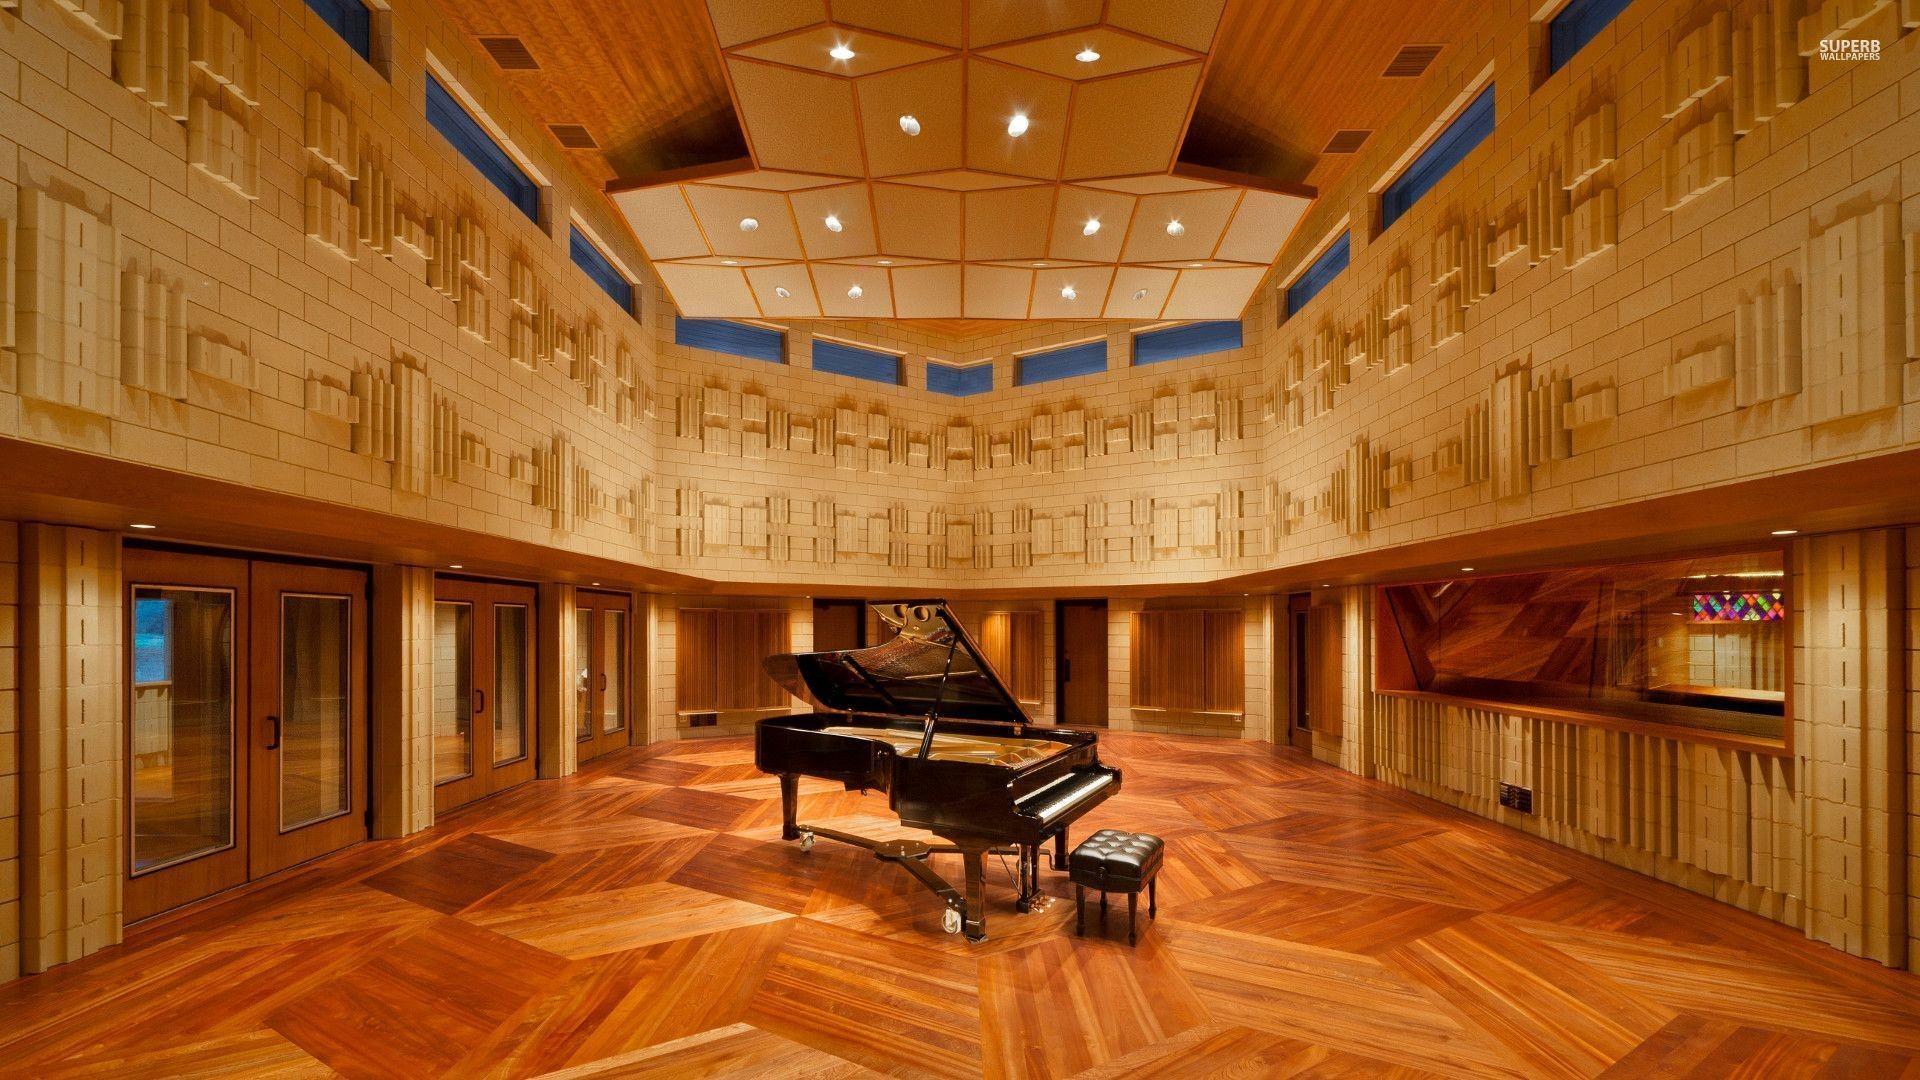 Piano in the Manifold Recording studio wallpaper – Music .